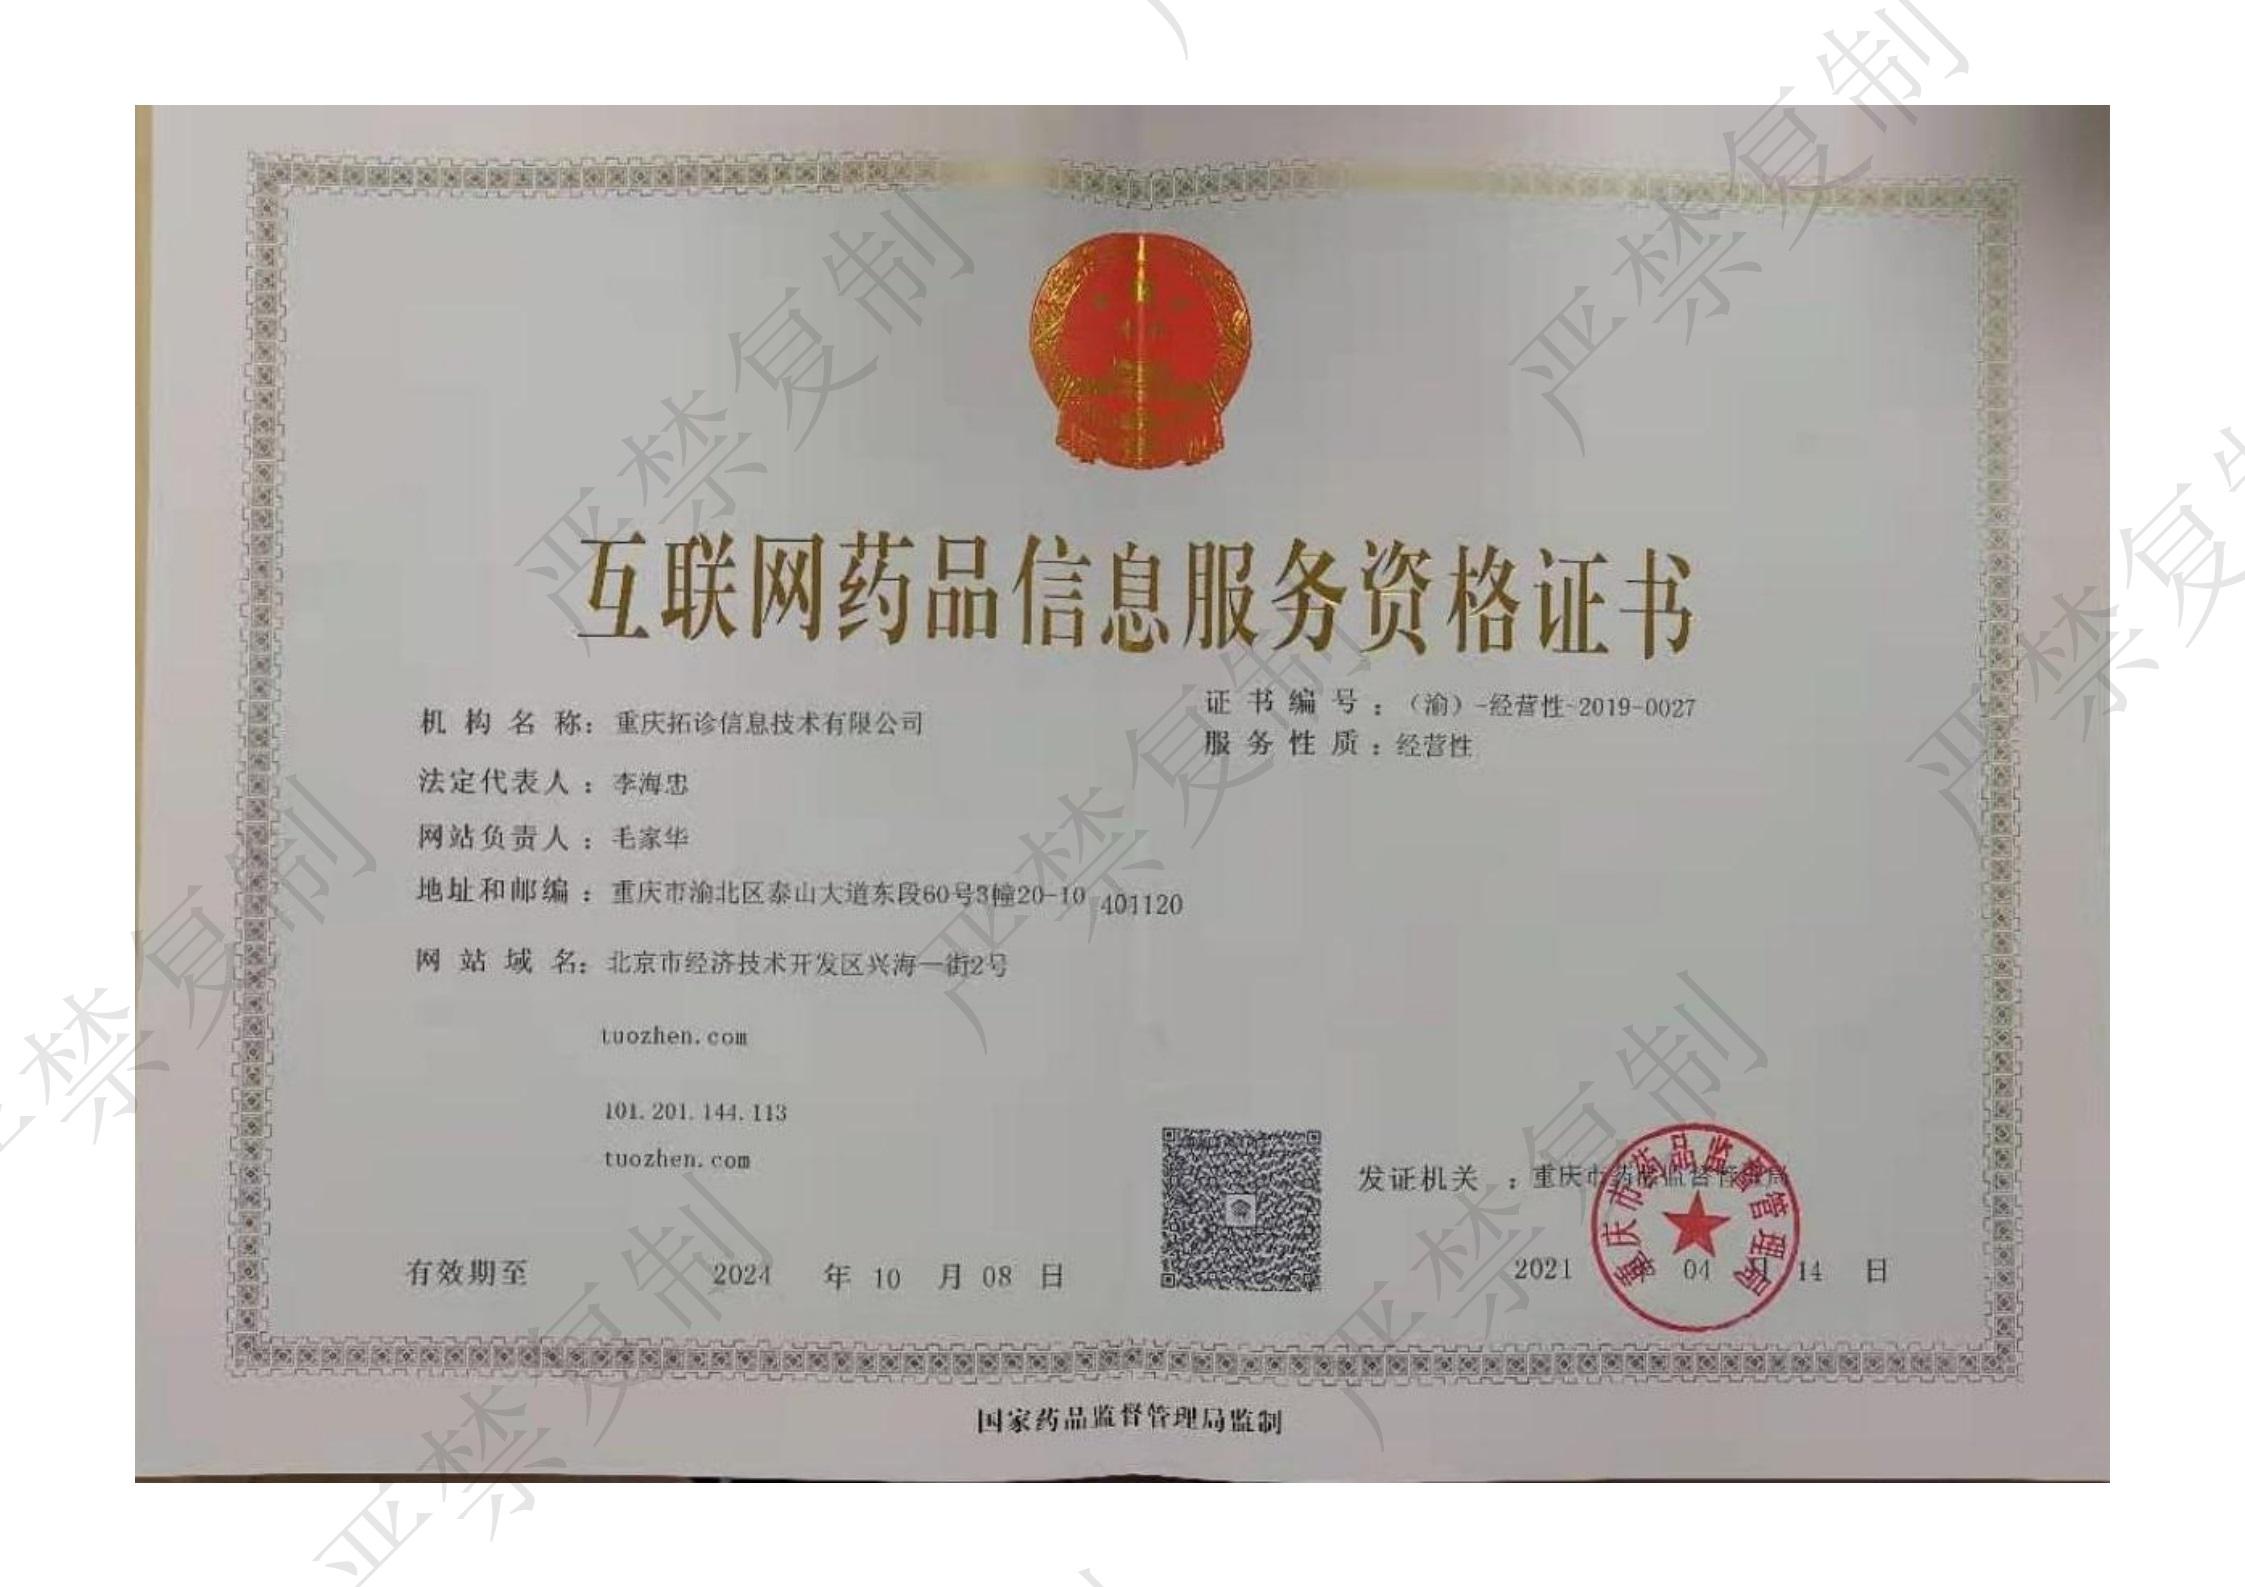 拓诊互联网药品信息服务资格证书.jpg